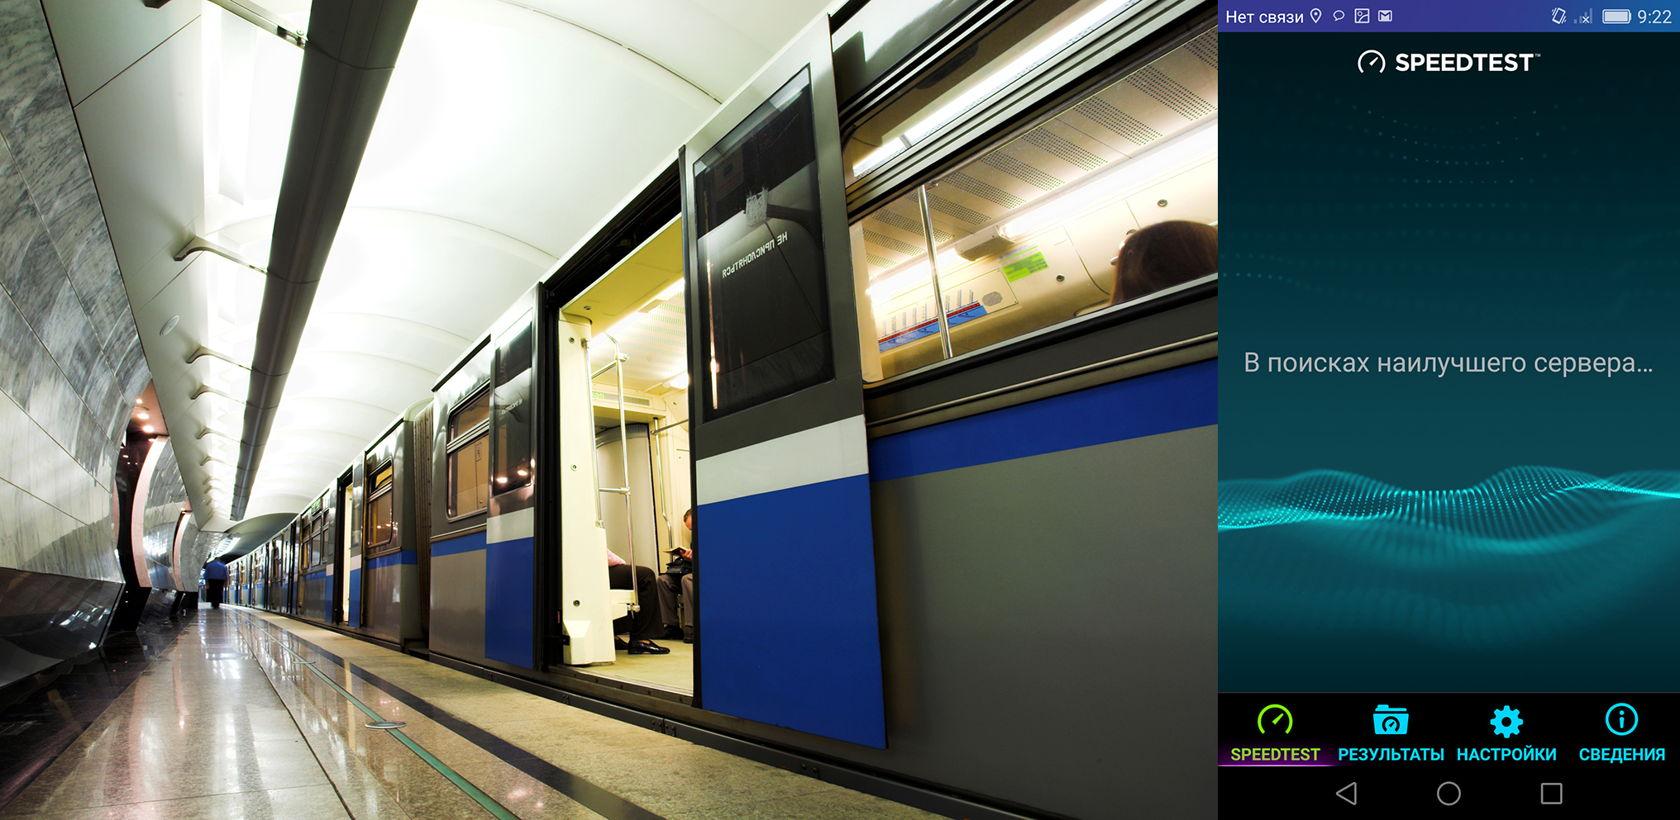 Tele2 в Москве: тестируем сеть нового оператора - 11